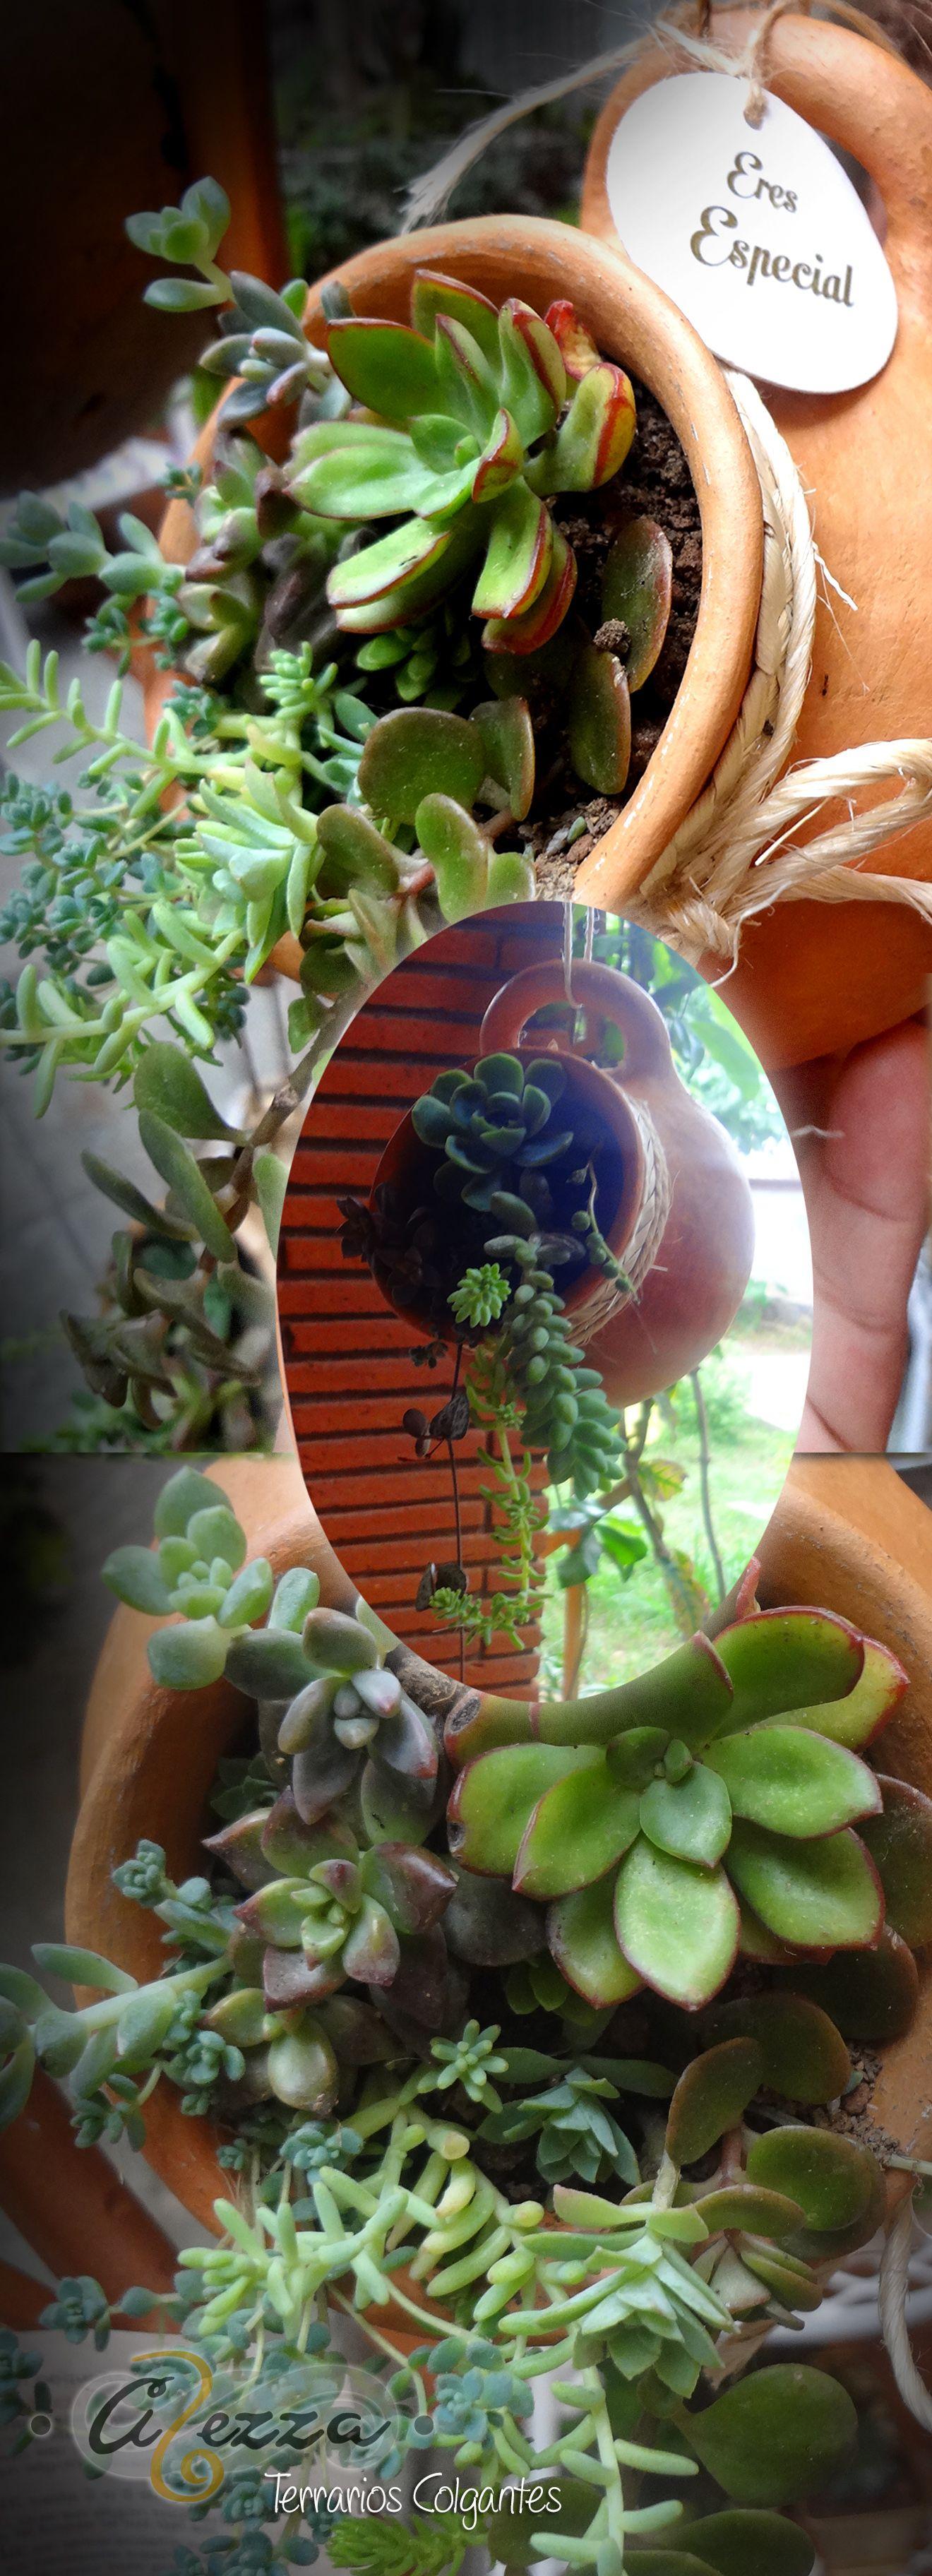 Terrario Colgante pequeño en jarrón de barro de Tavehua. Detalles artesanales. #Suculentas, #Tavehua